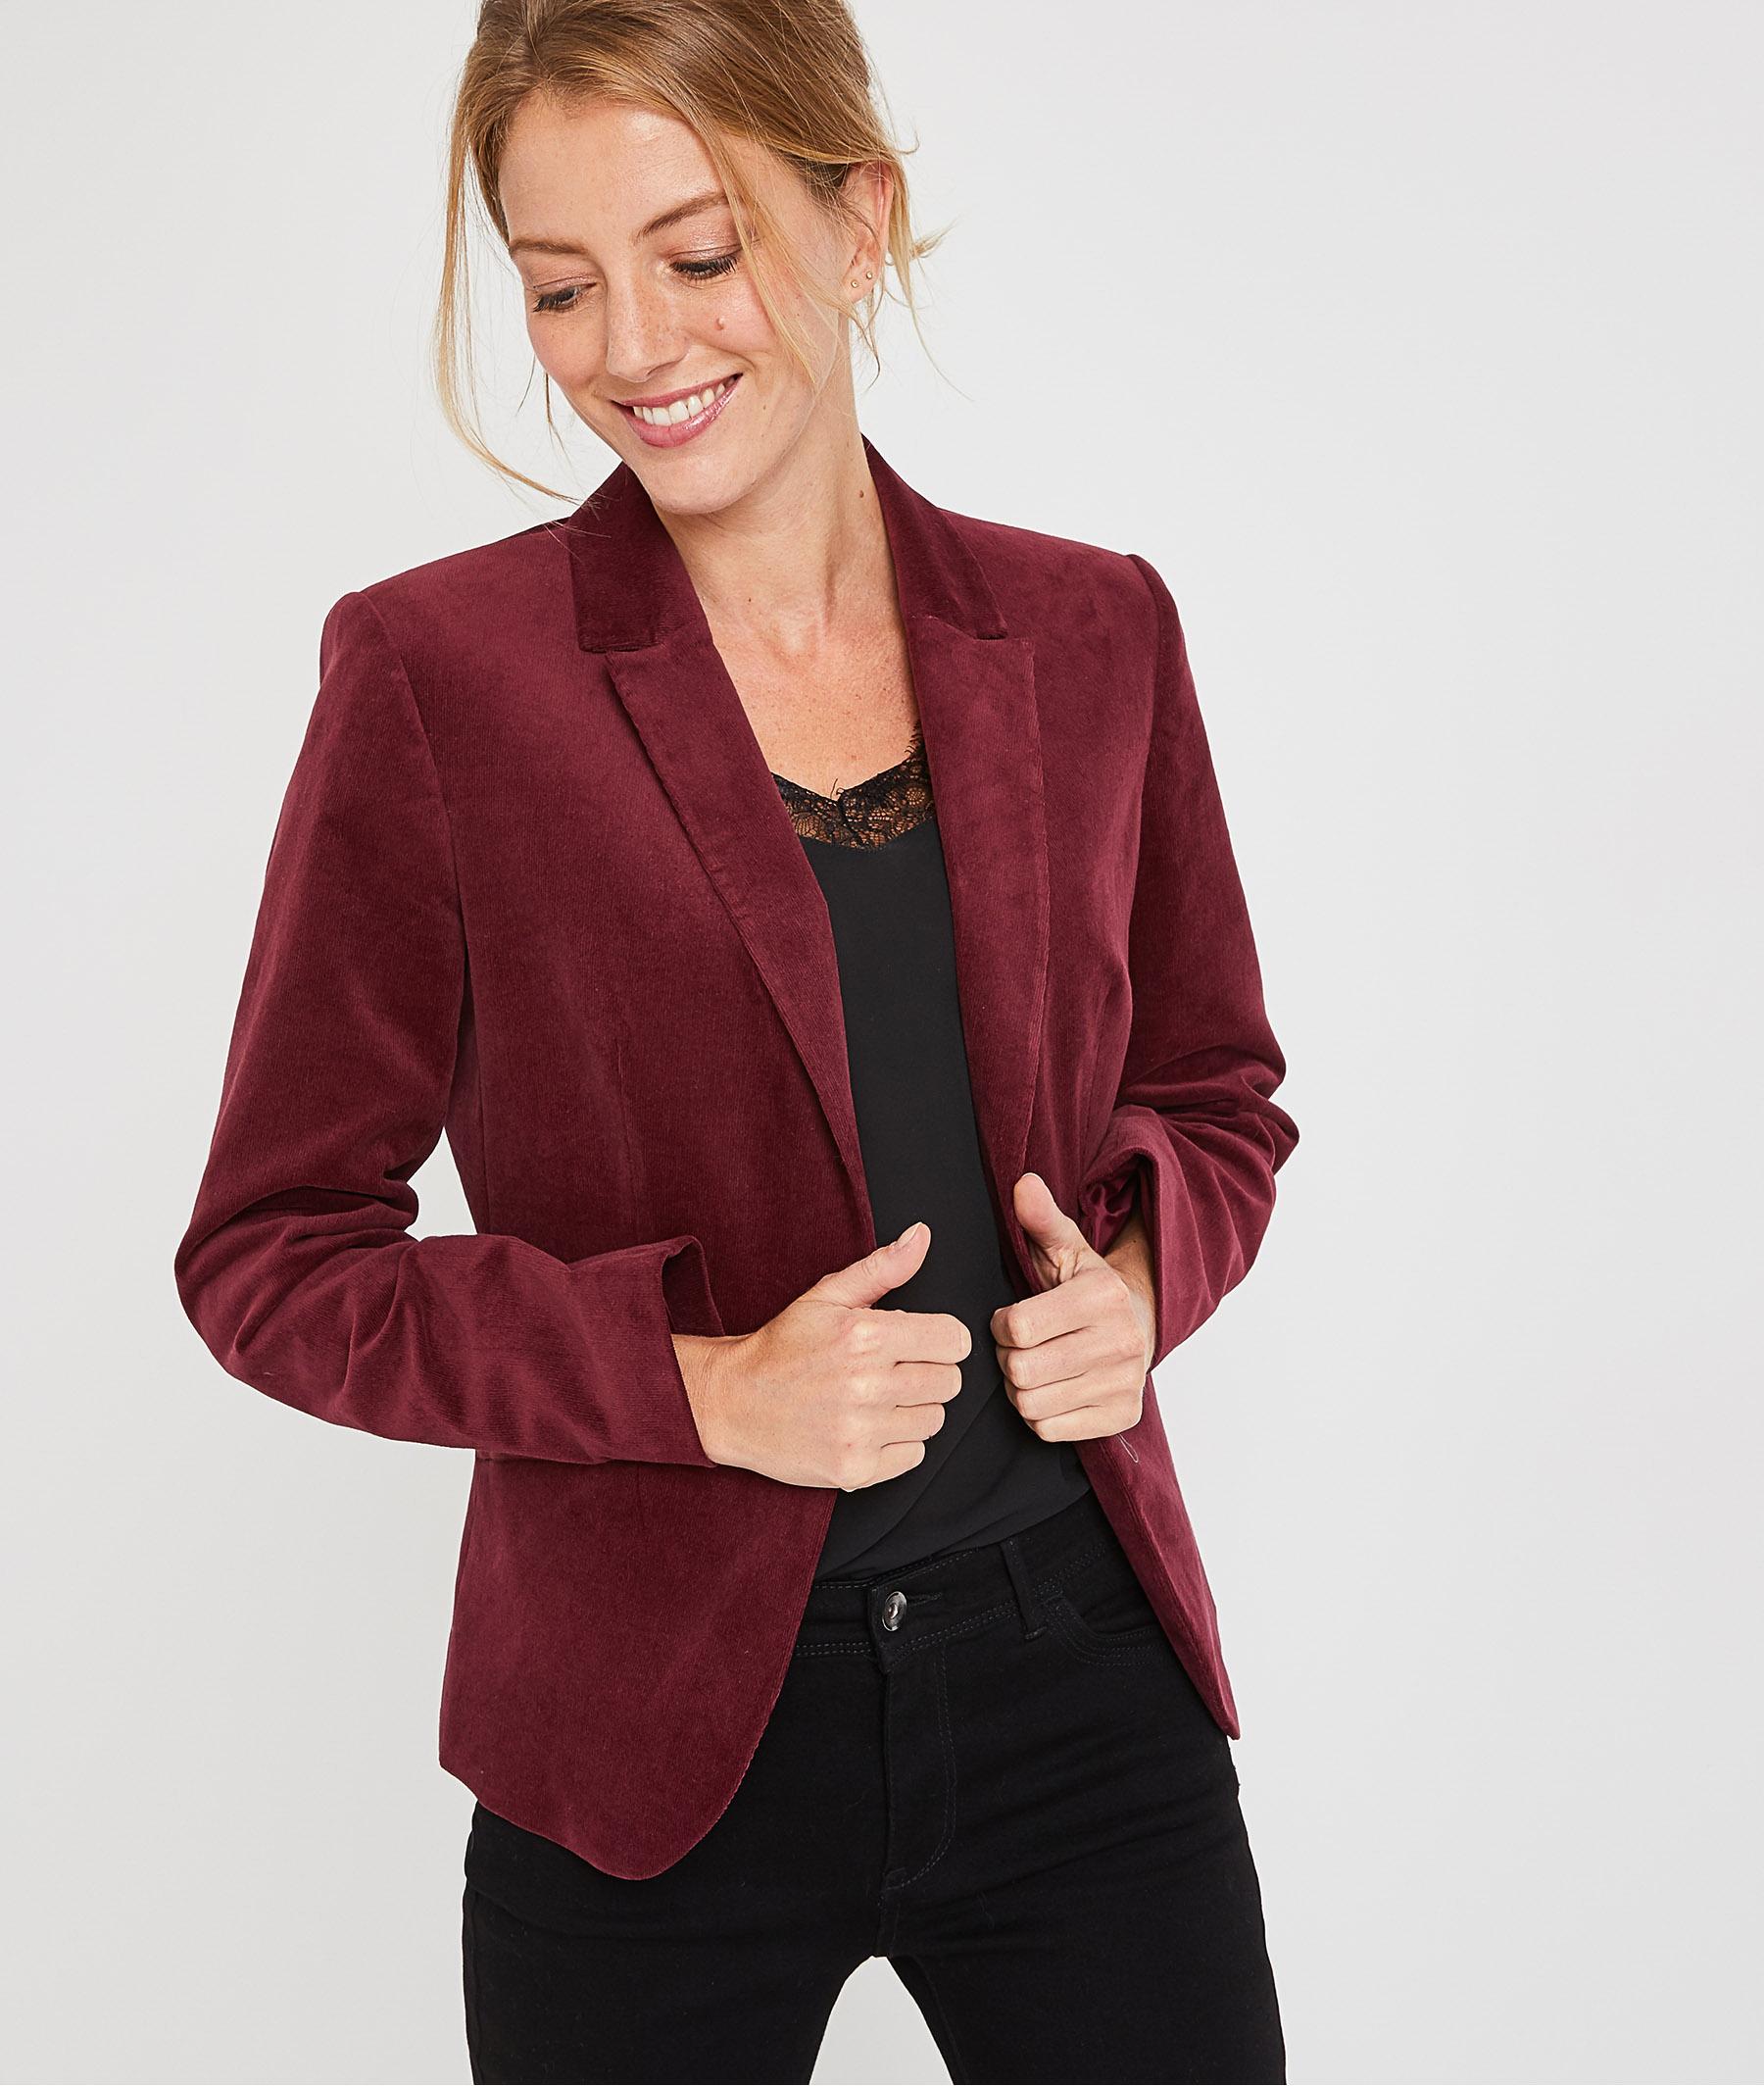 Veste de tailleur en velours rouge femme GRENAT